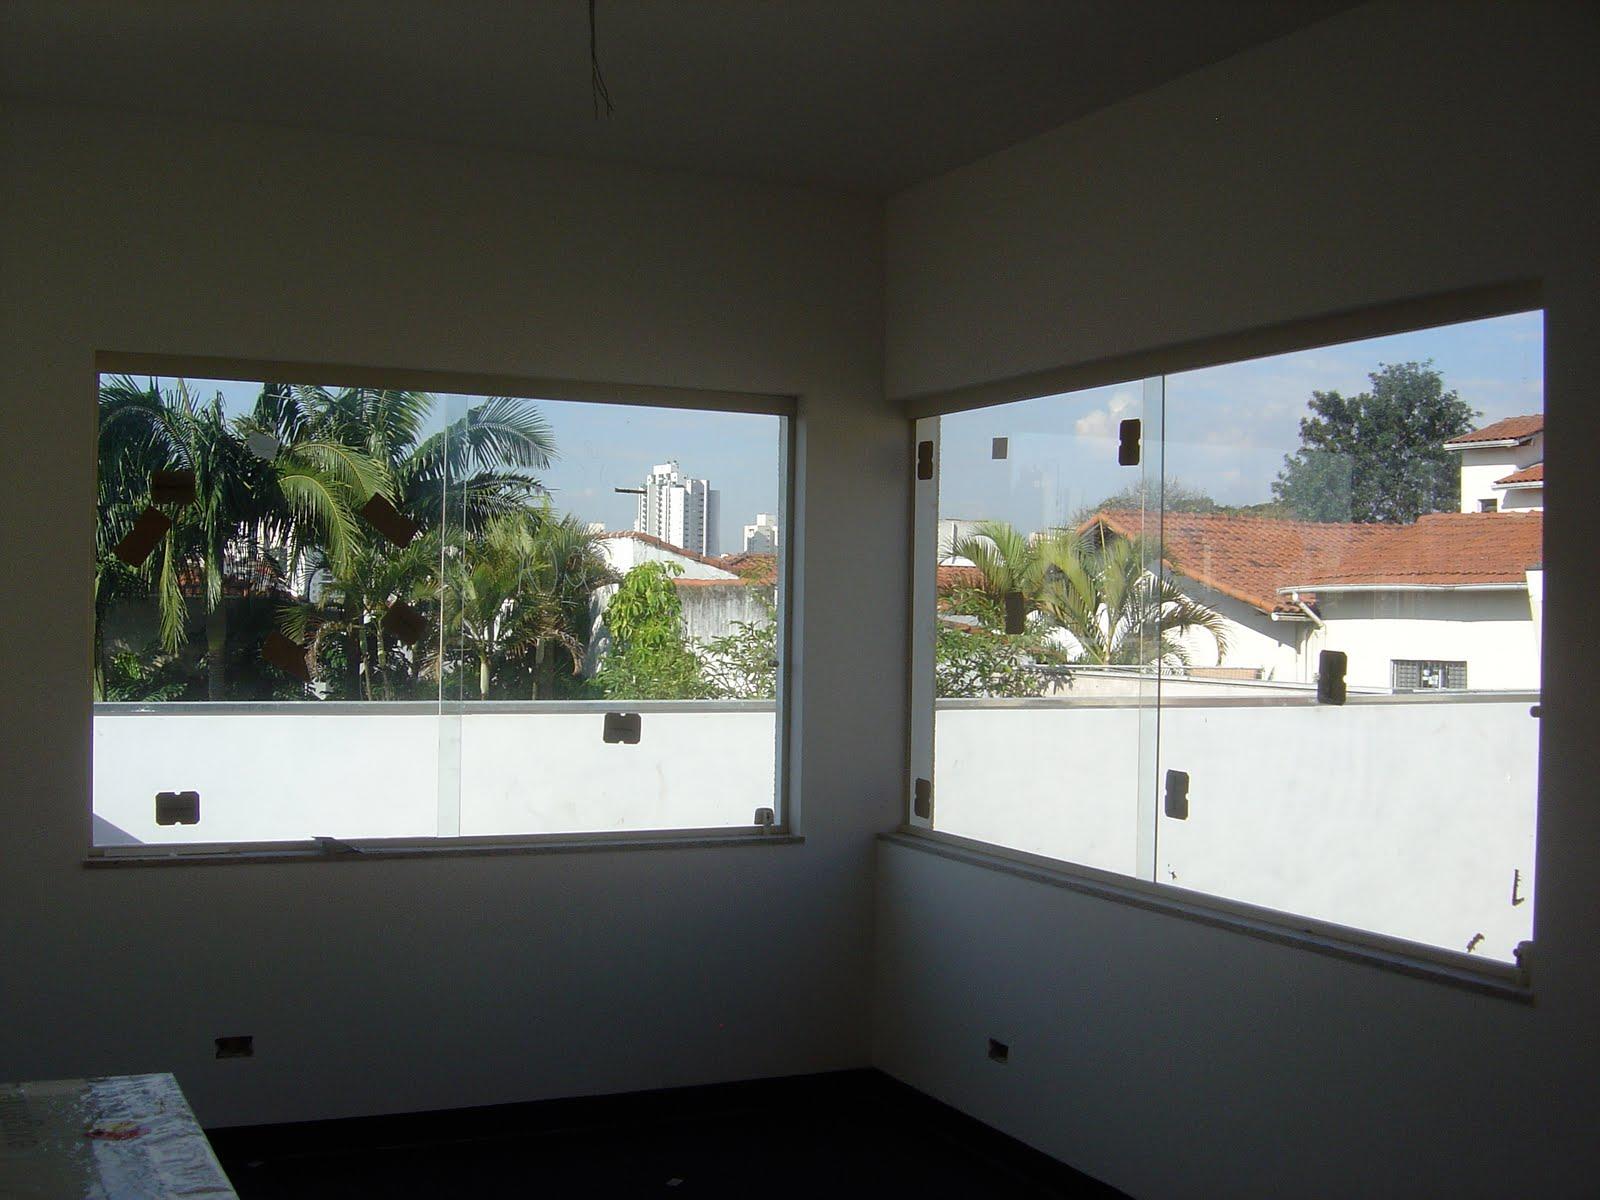 #875B44 Casa Anderson: da visita de 20/7 janelas de vidro 186 Janelas De Vidro Na Sala